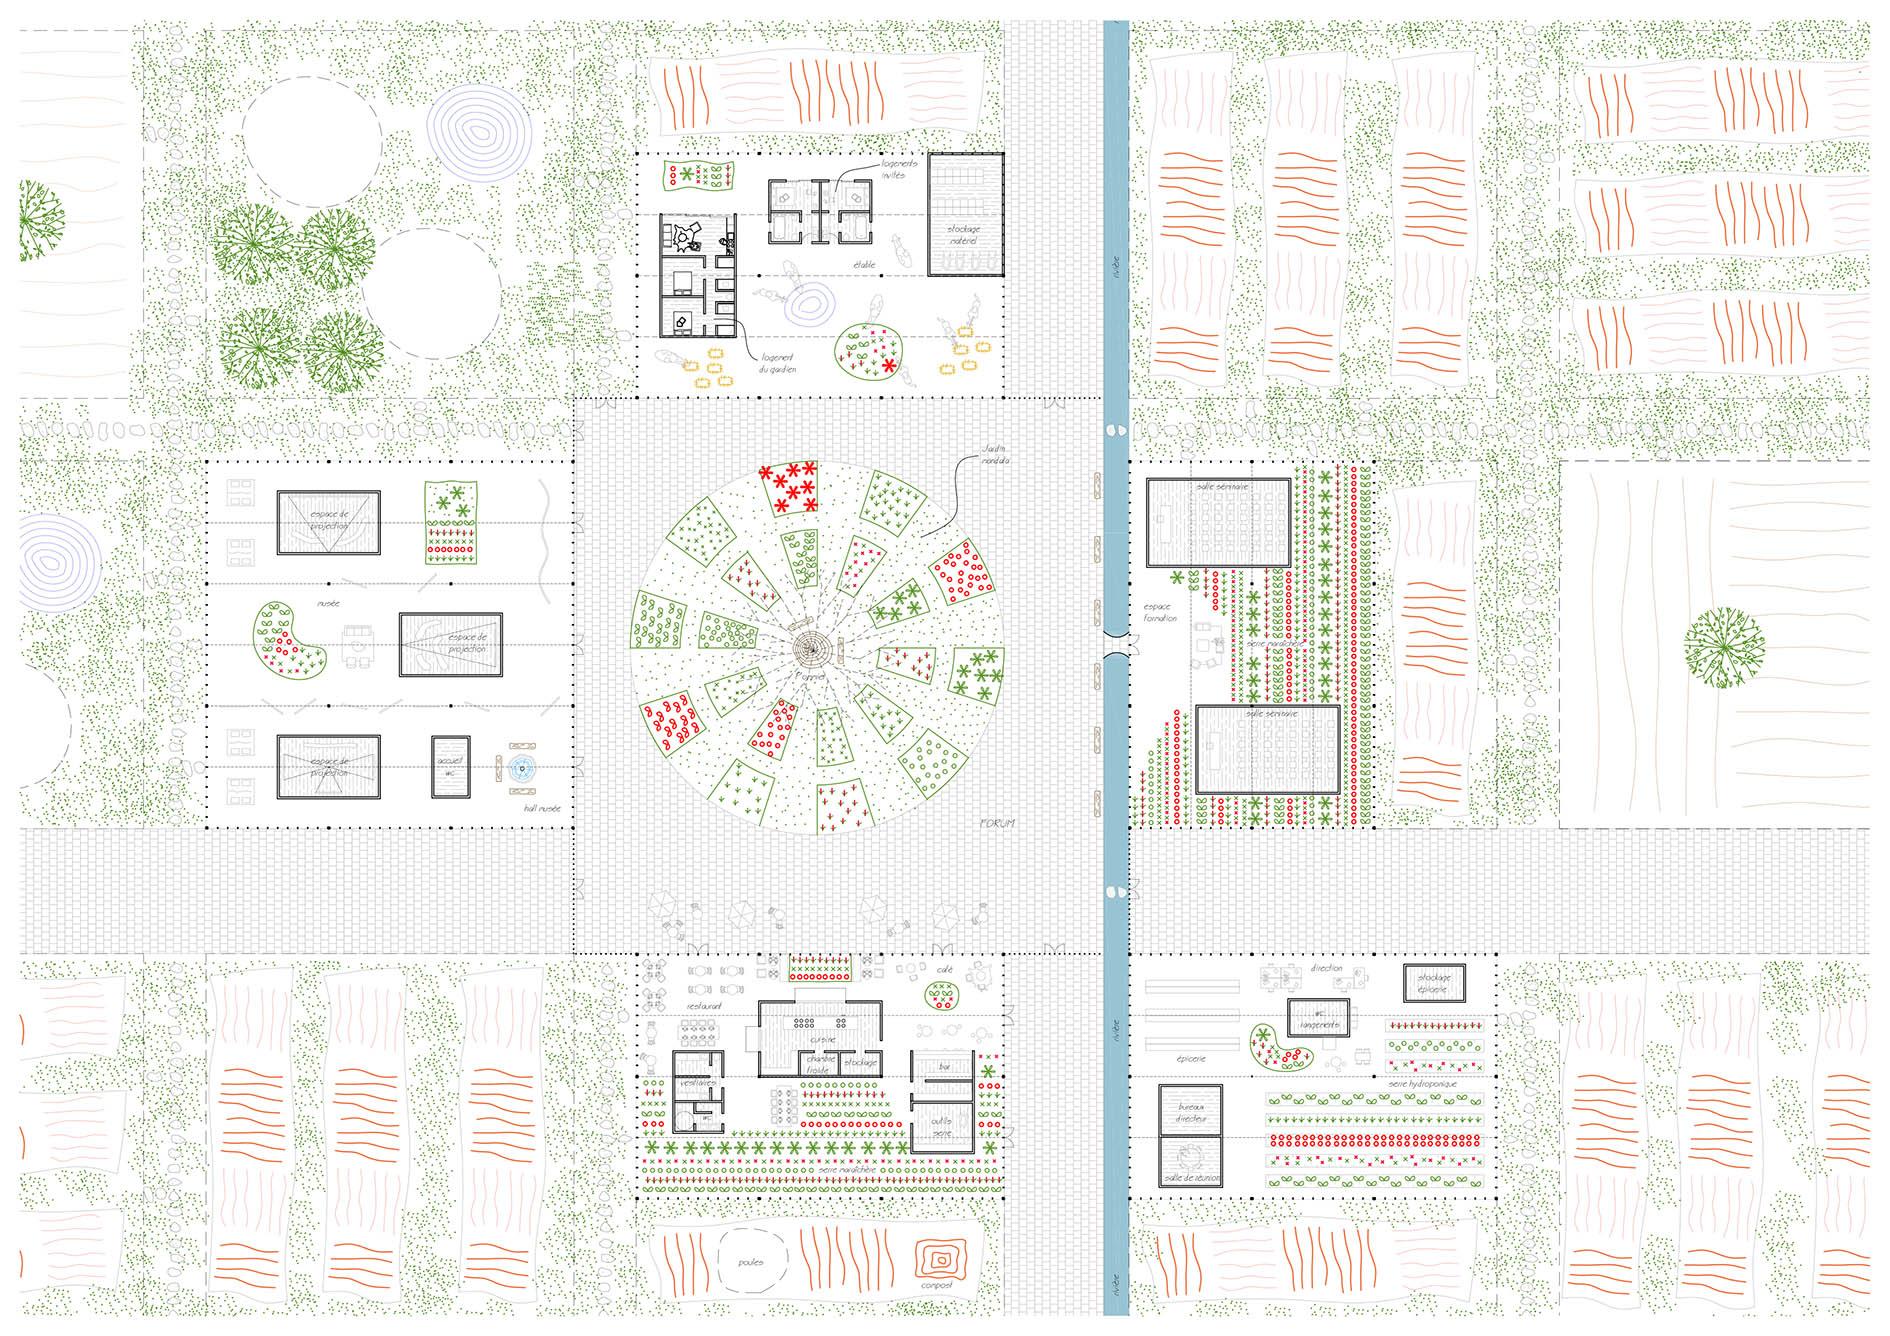 La Cité de l'agriculture - Plan de sol